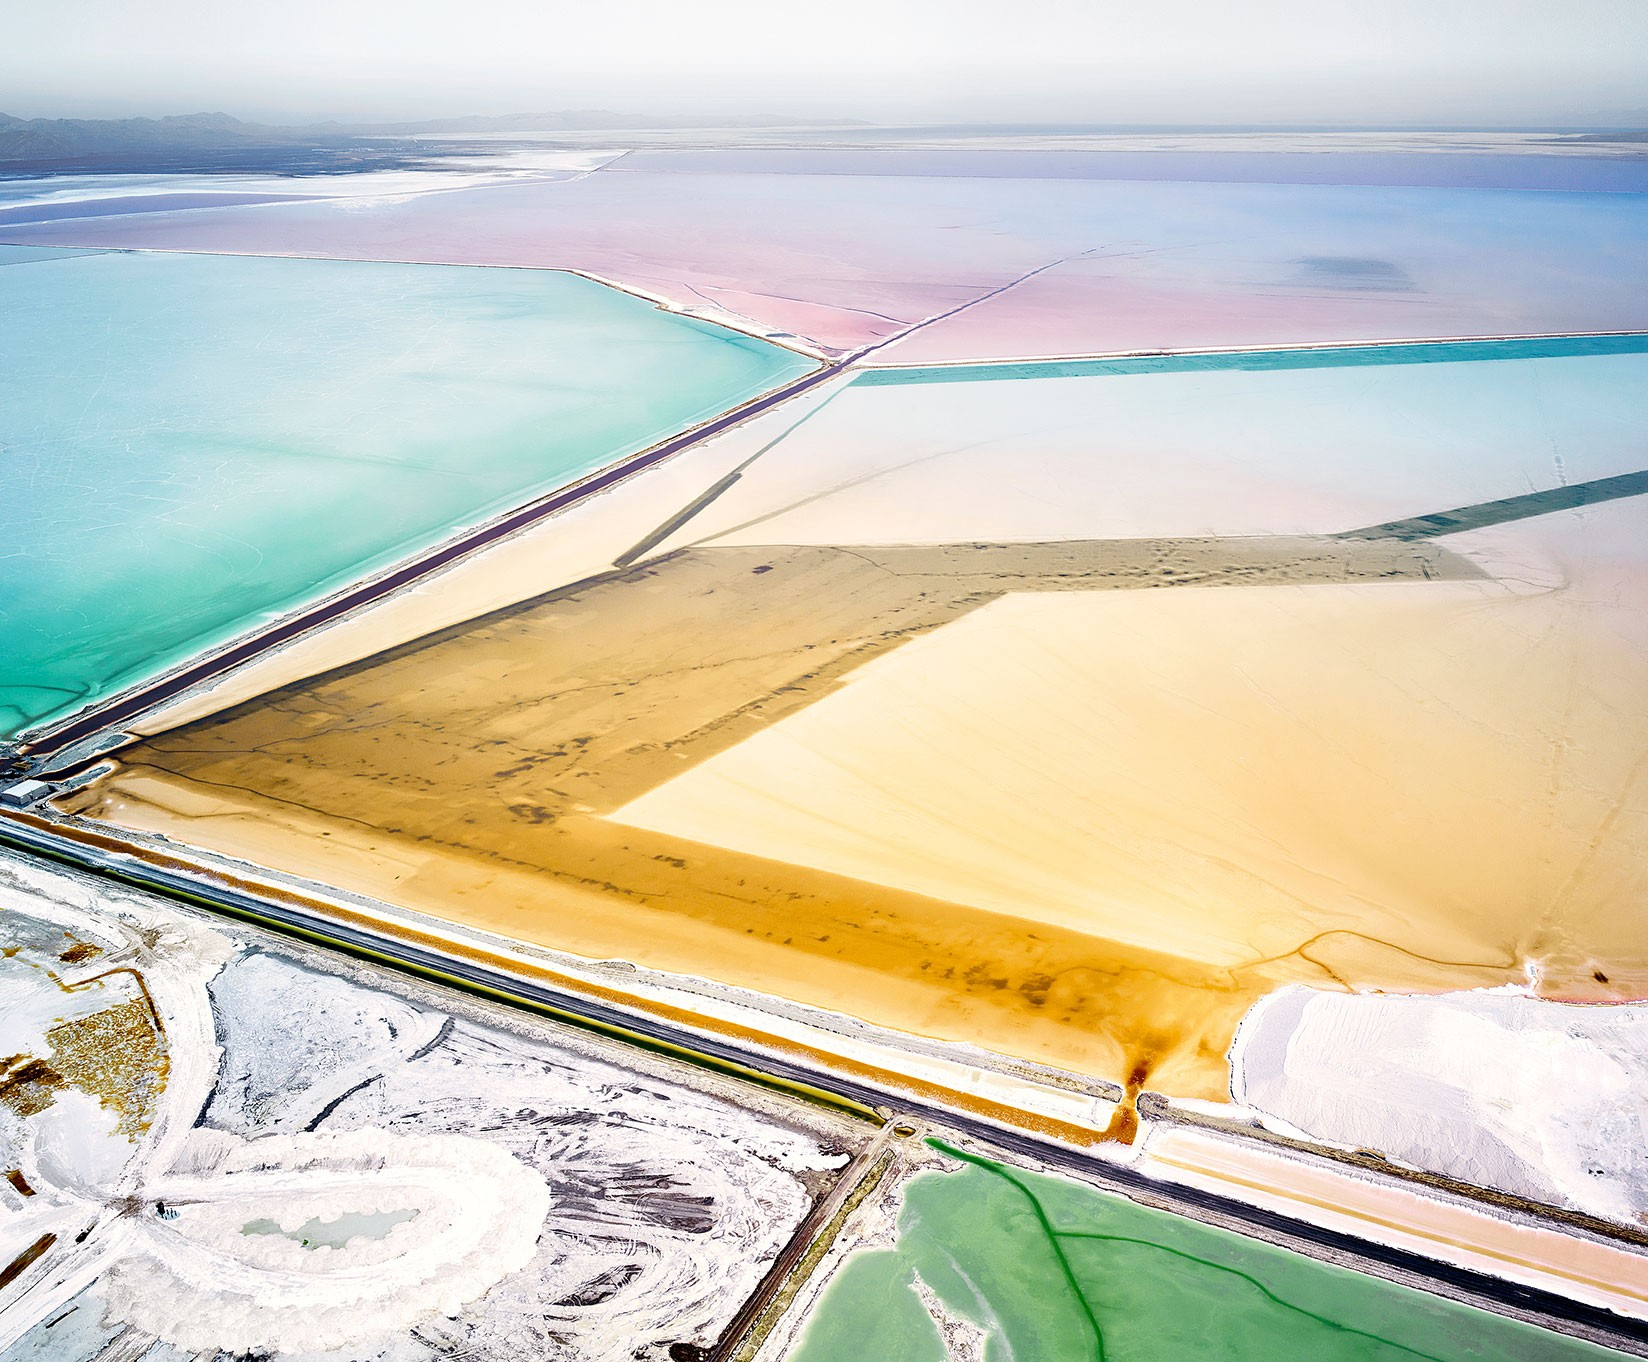 Жизнь — соль: подборка редких фото природы